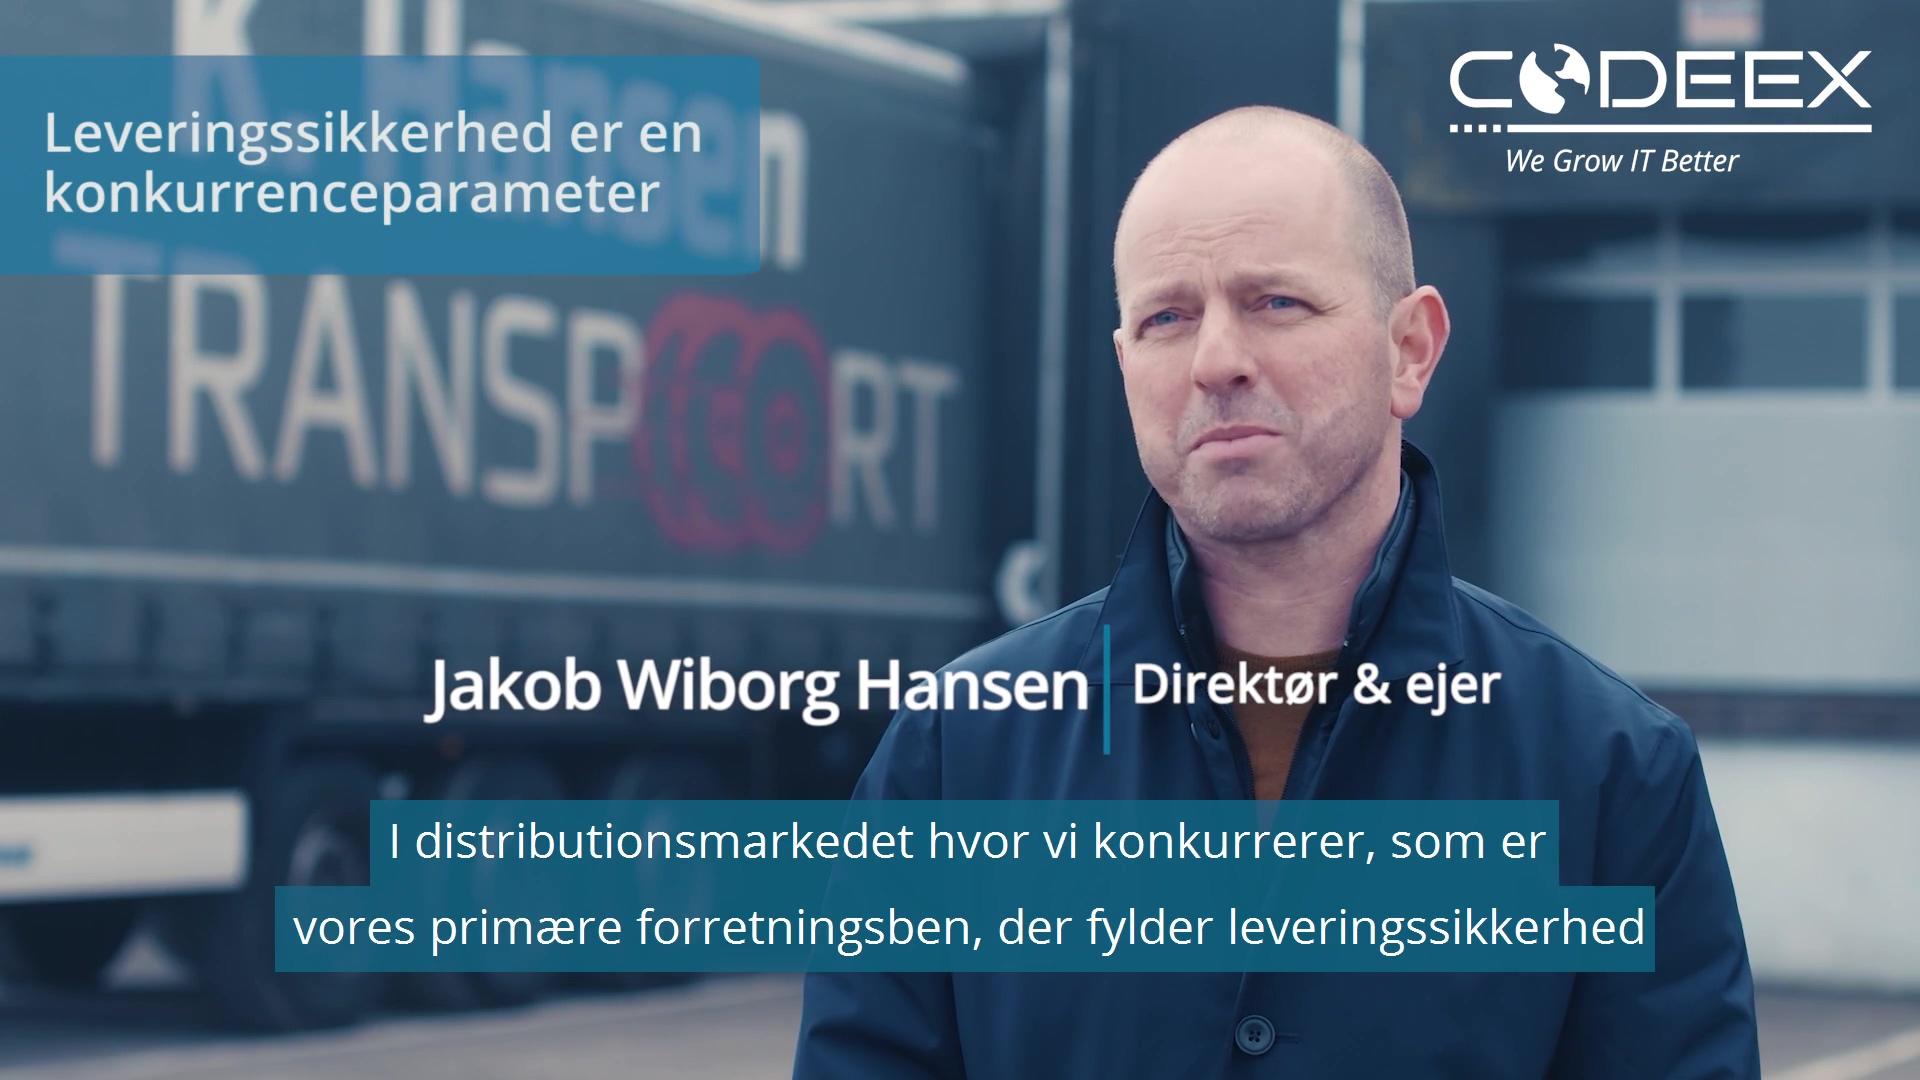 Codeex_Case_K-Hansen-Transport